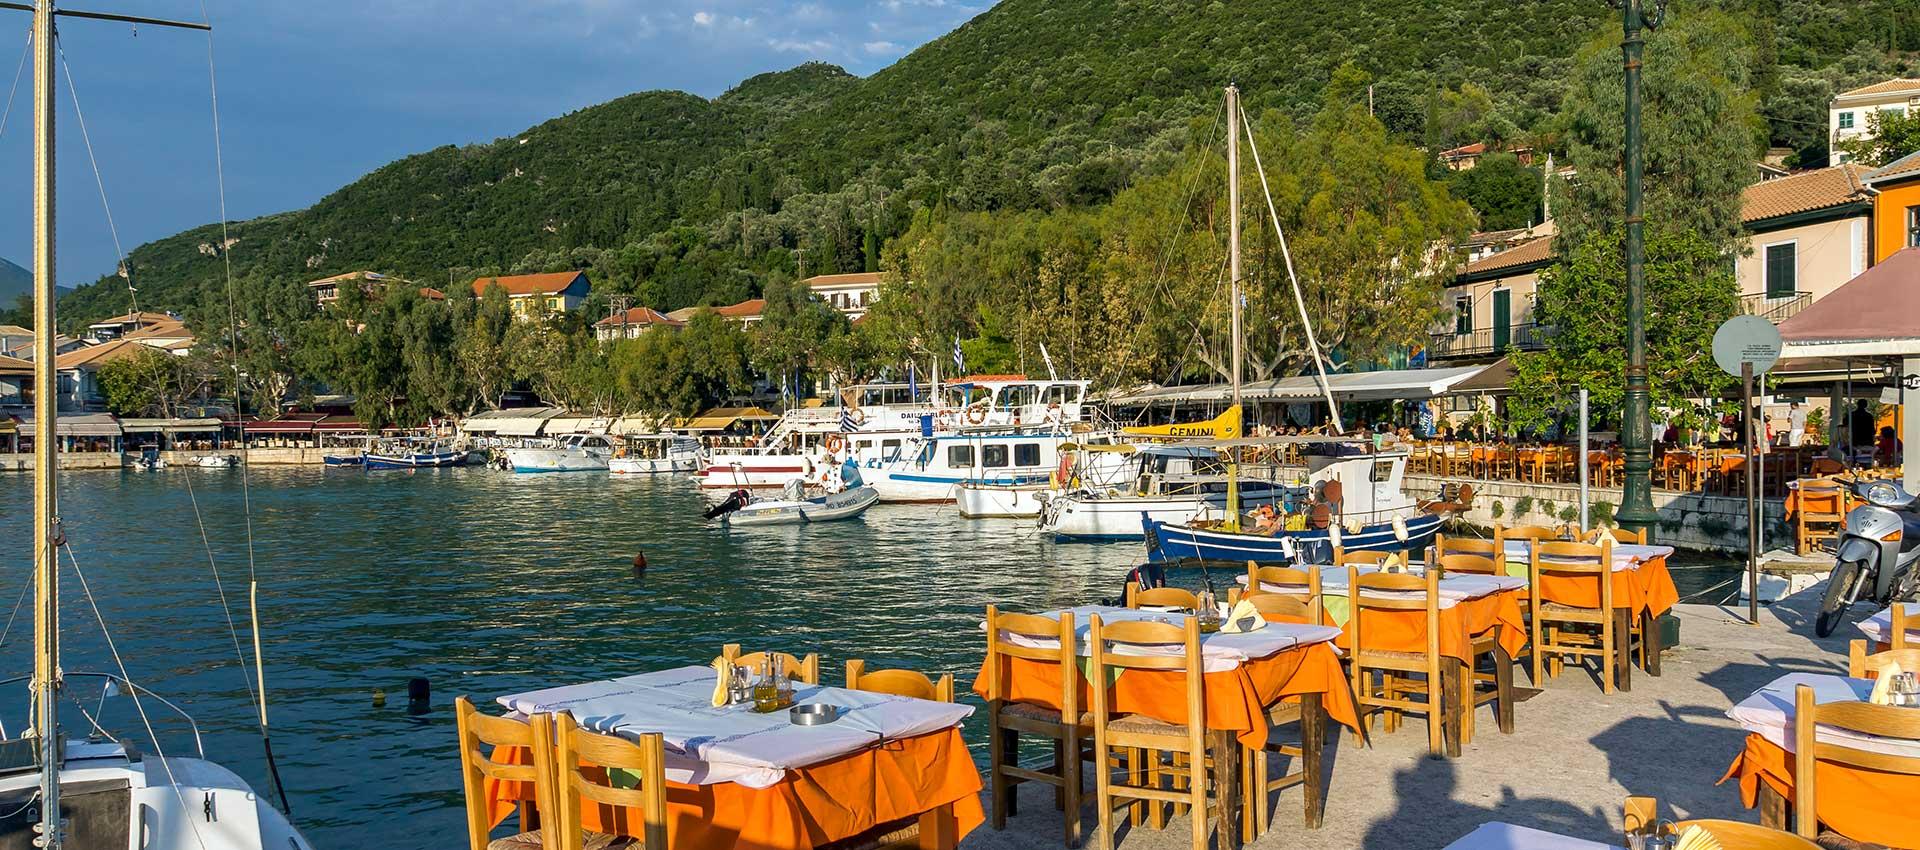 Taverne in port Vasiliki - Lefkada